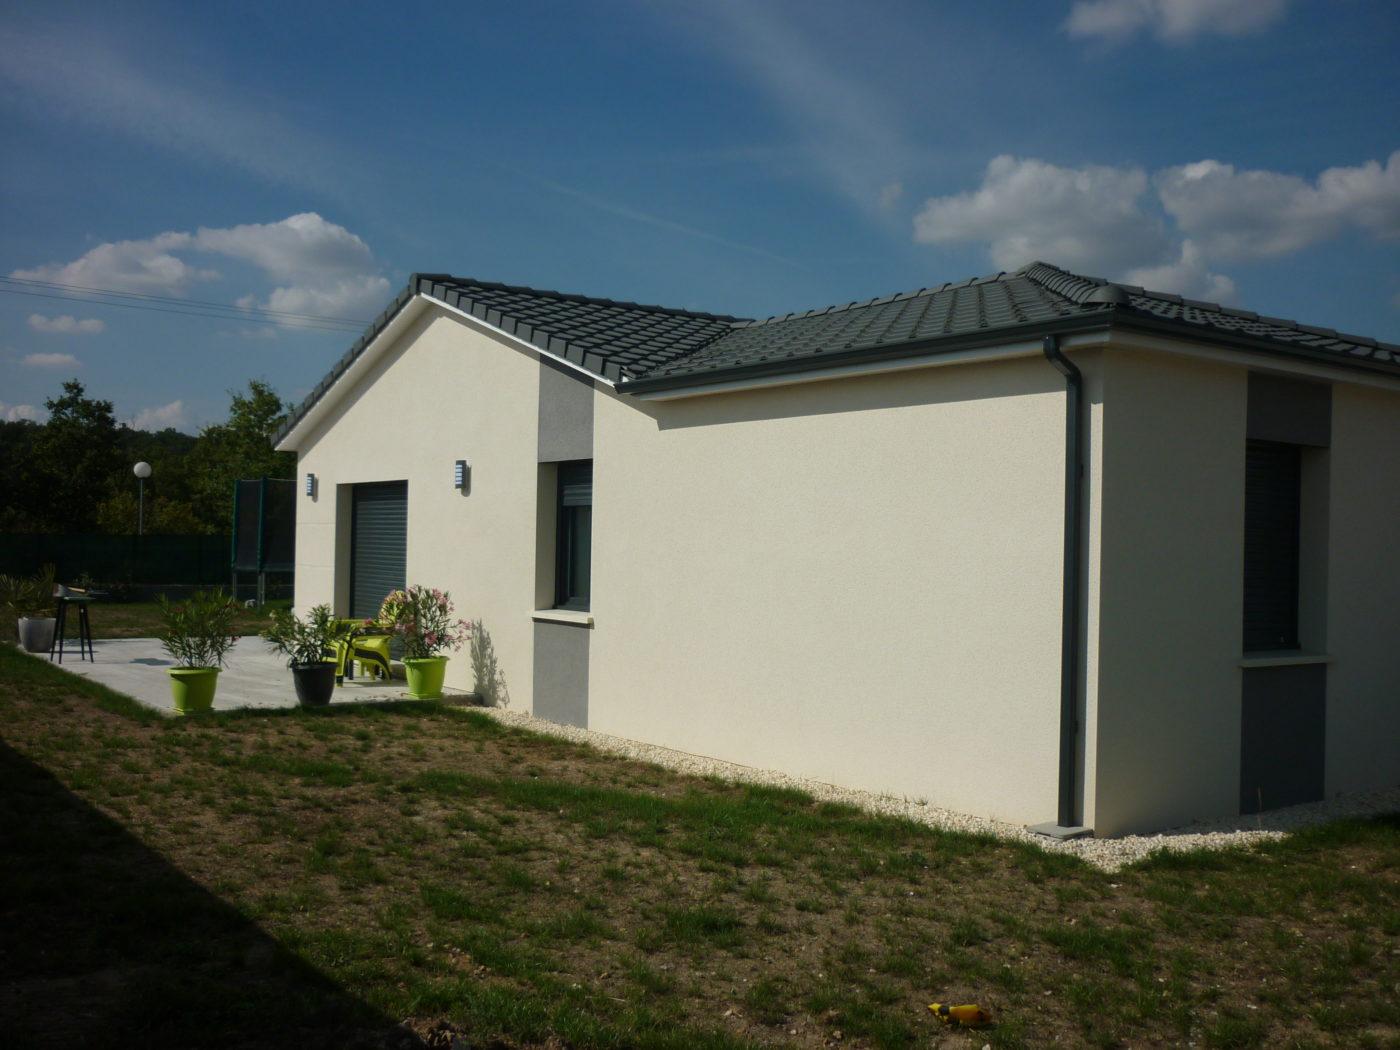 Bonne maison constructeur de maisons charente for Maison constructeur